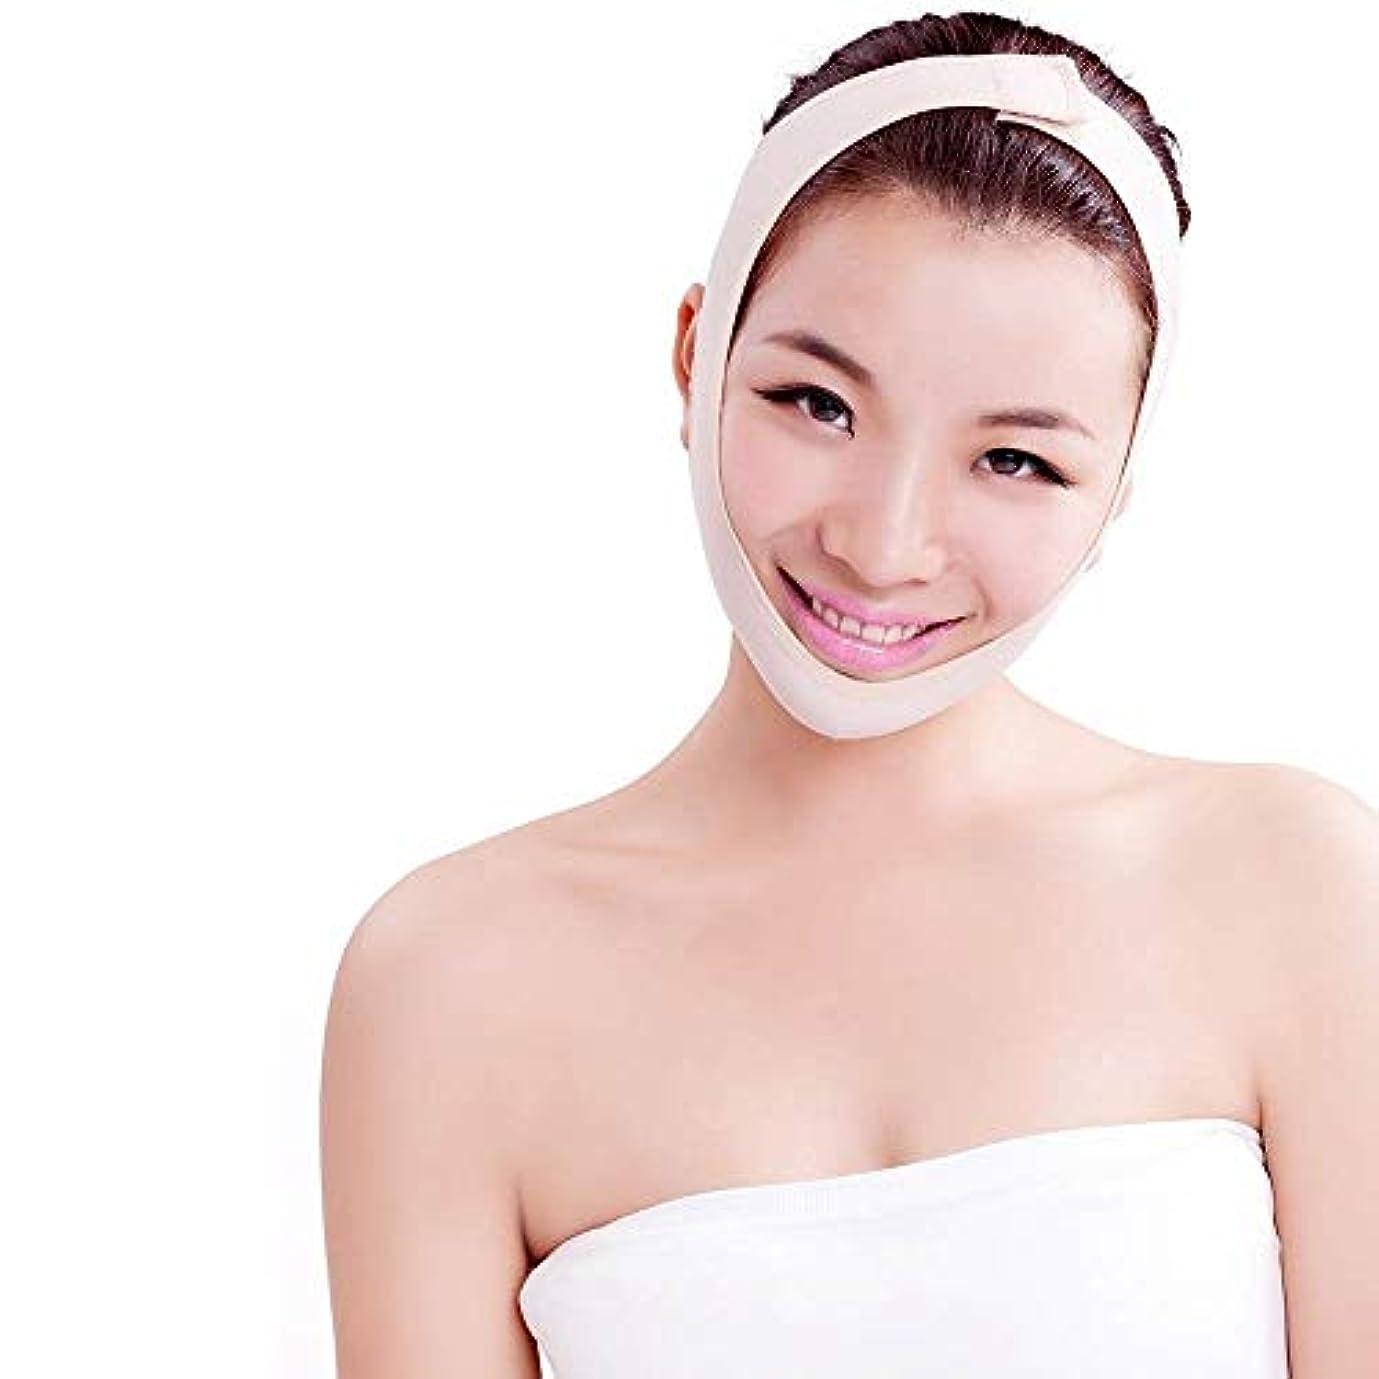 義務付けられたレンダーみなすHEMFV 顔のスリミングは、スリムリフトコンパクト顔の皮膚のためのスキン包帯二重あごスリミングベルトを締め、スリミング包帯通気性ひげ二重あごケア減量フェイスベルトマスク (Size : M)